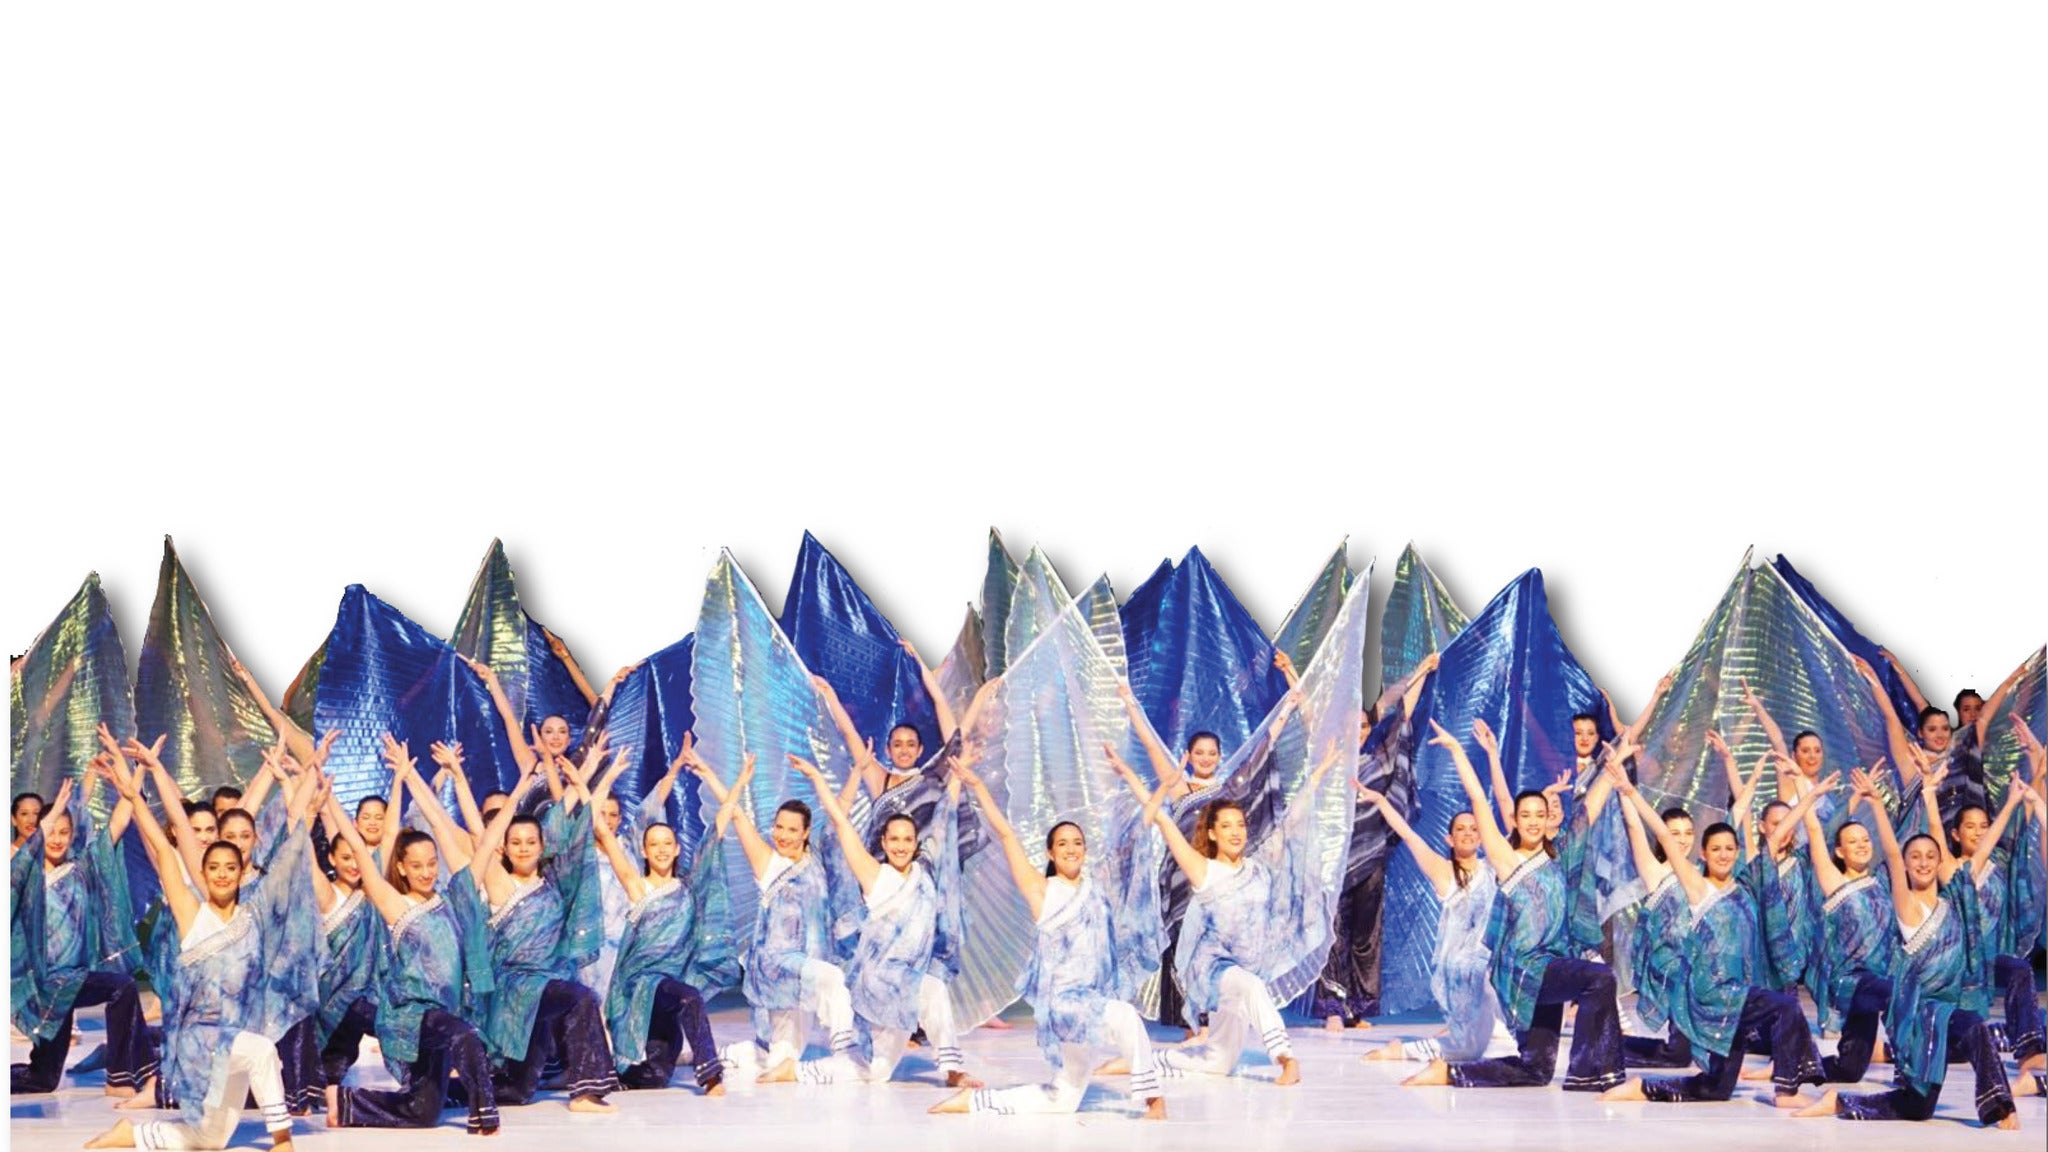 23rd Annual Festival Yachad - Israeli Dance Festival